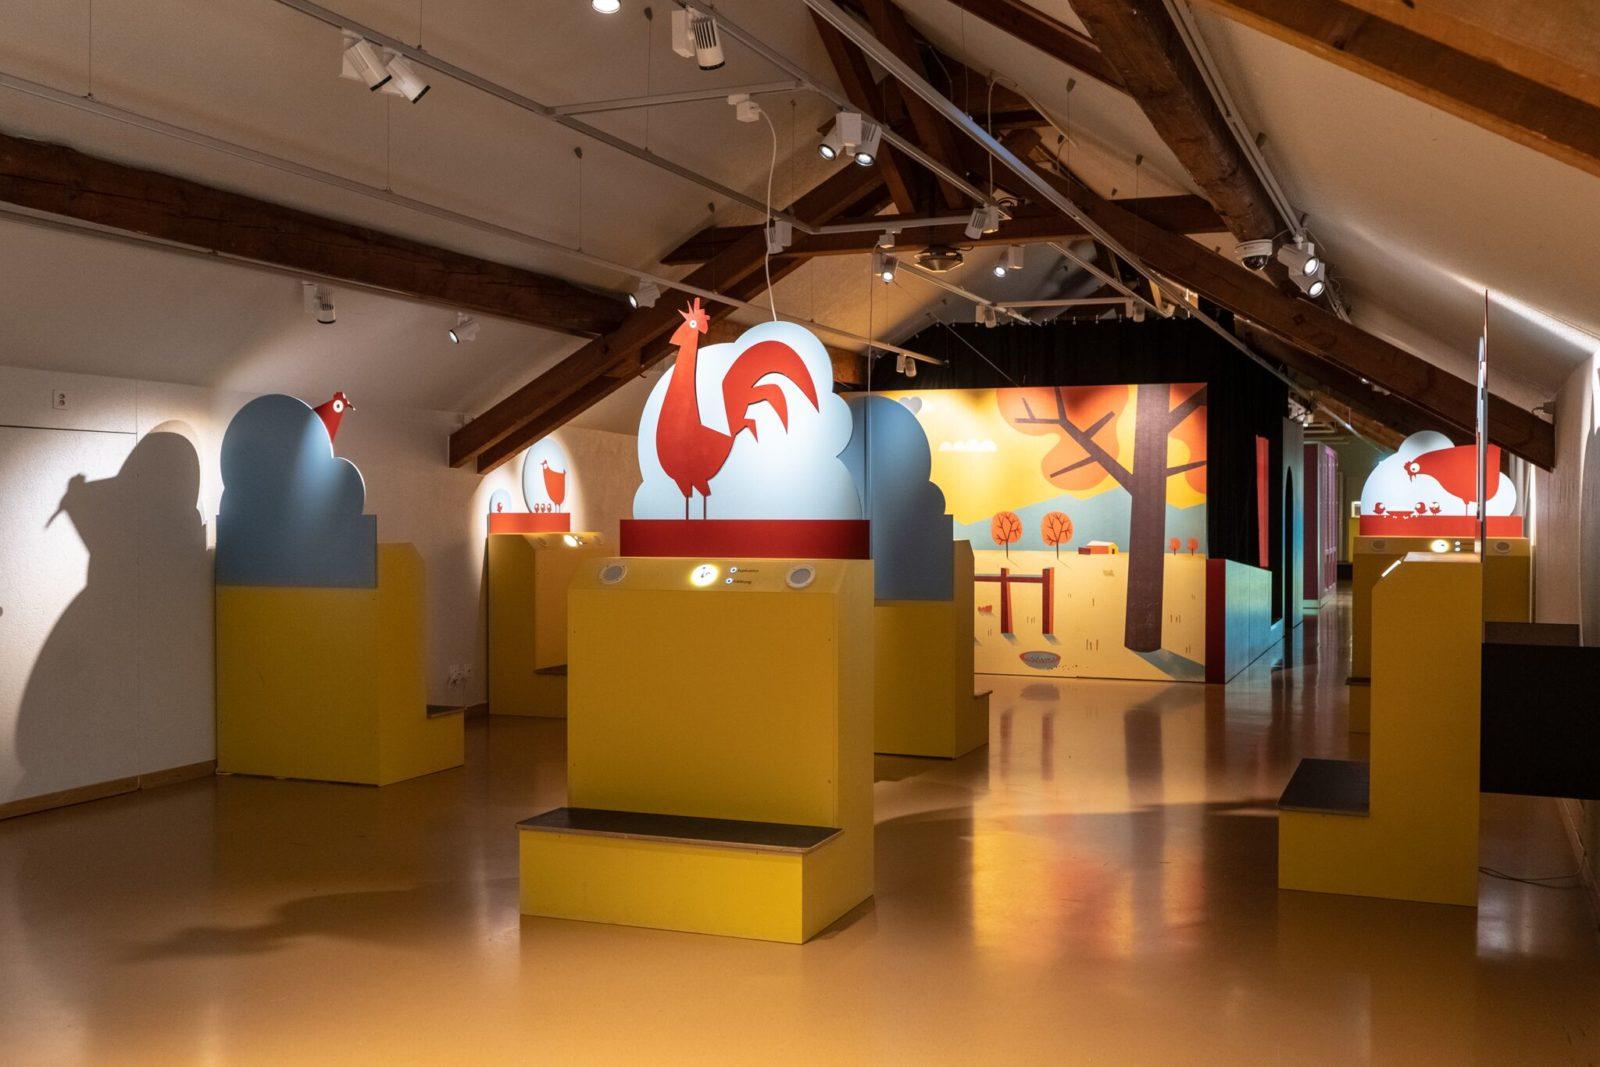 MHNF<br>vue expo Poussins – Cot-cot-cot-codec- renard